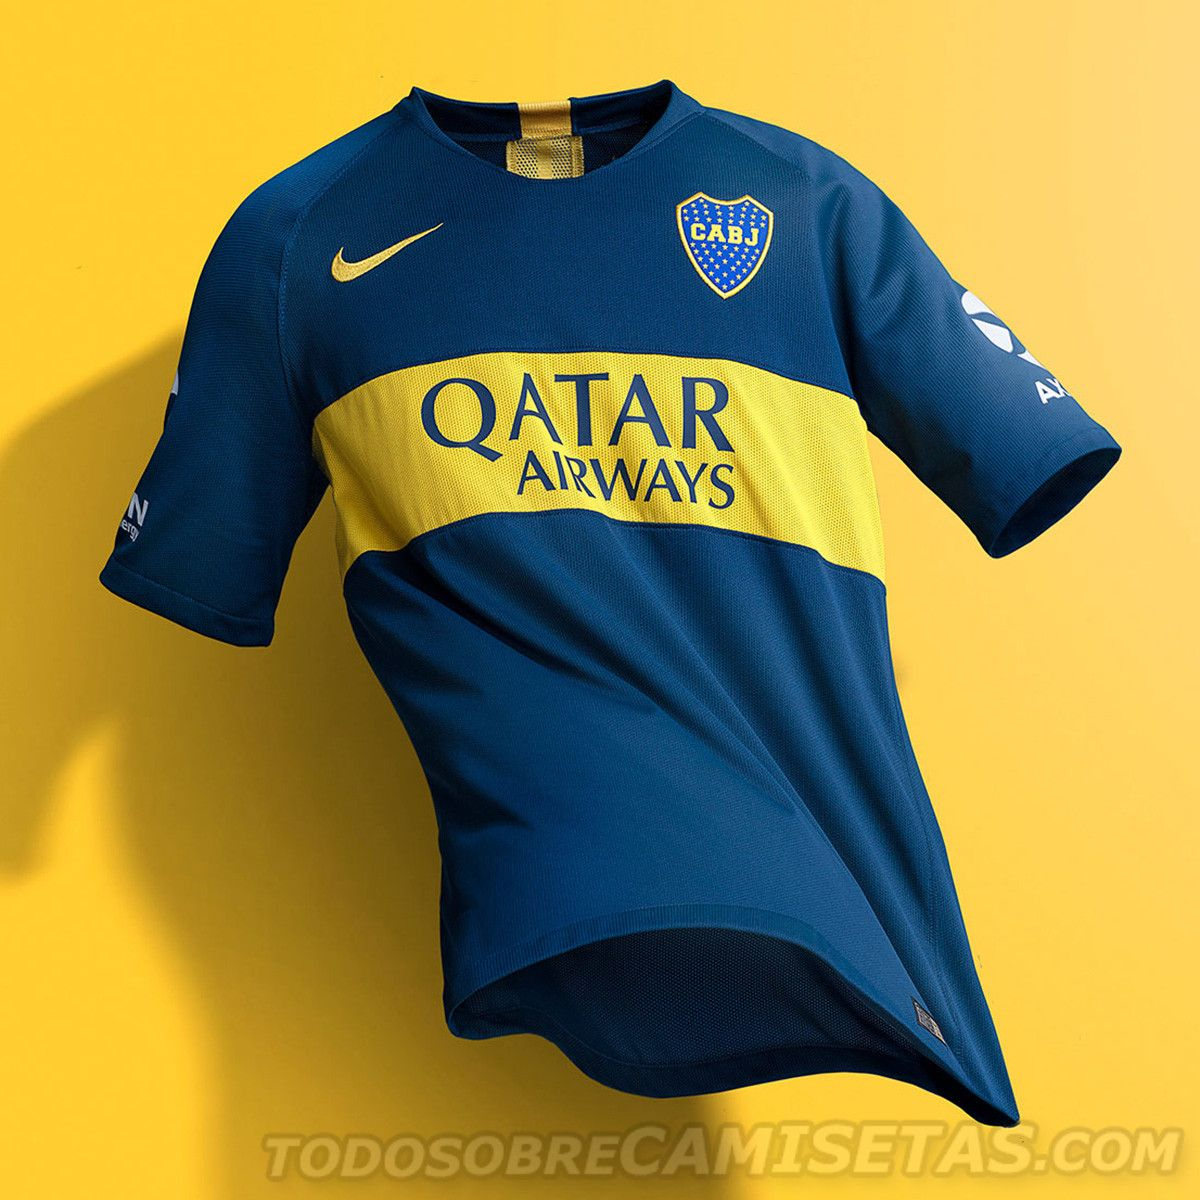 b35f8b3836c Camisetas Nike de Boca Juniors 2018-19